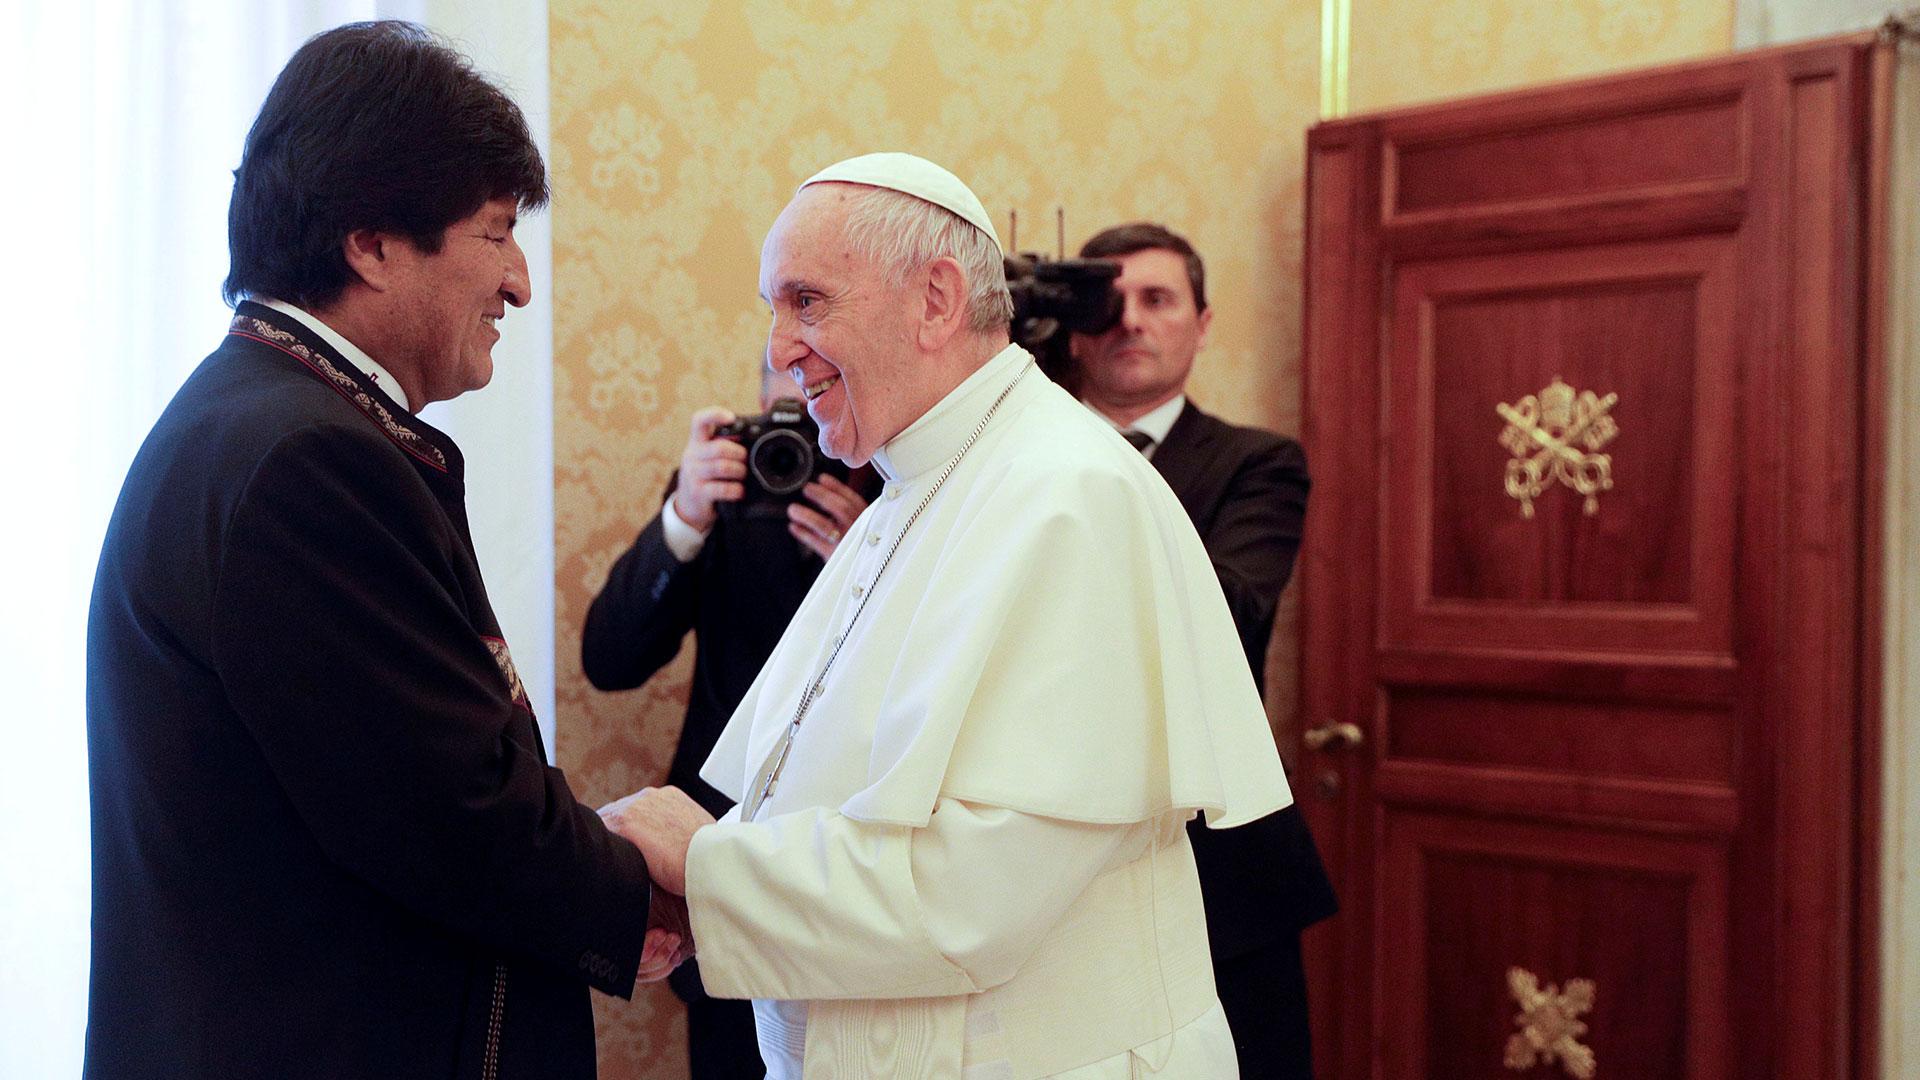 15 de diciembre de 2017. El papa Francisco recibió por quinta vez a Evo Morales en el Vaticano